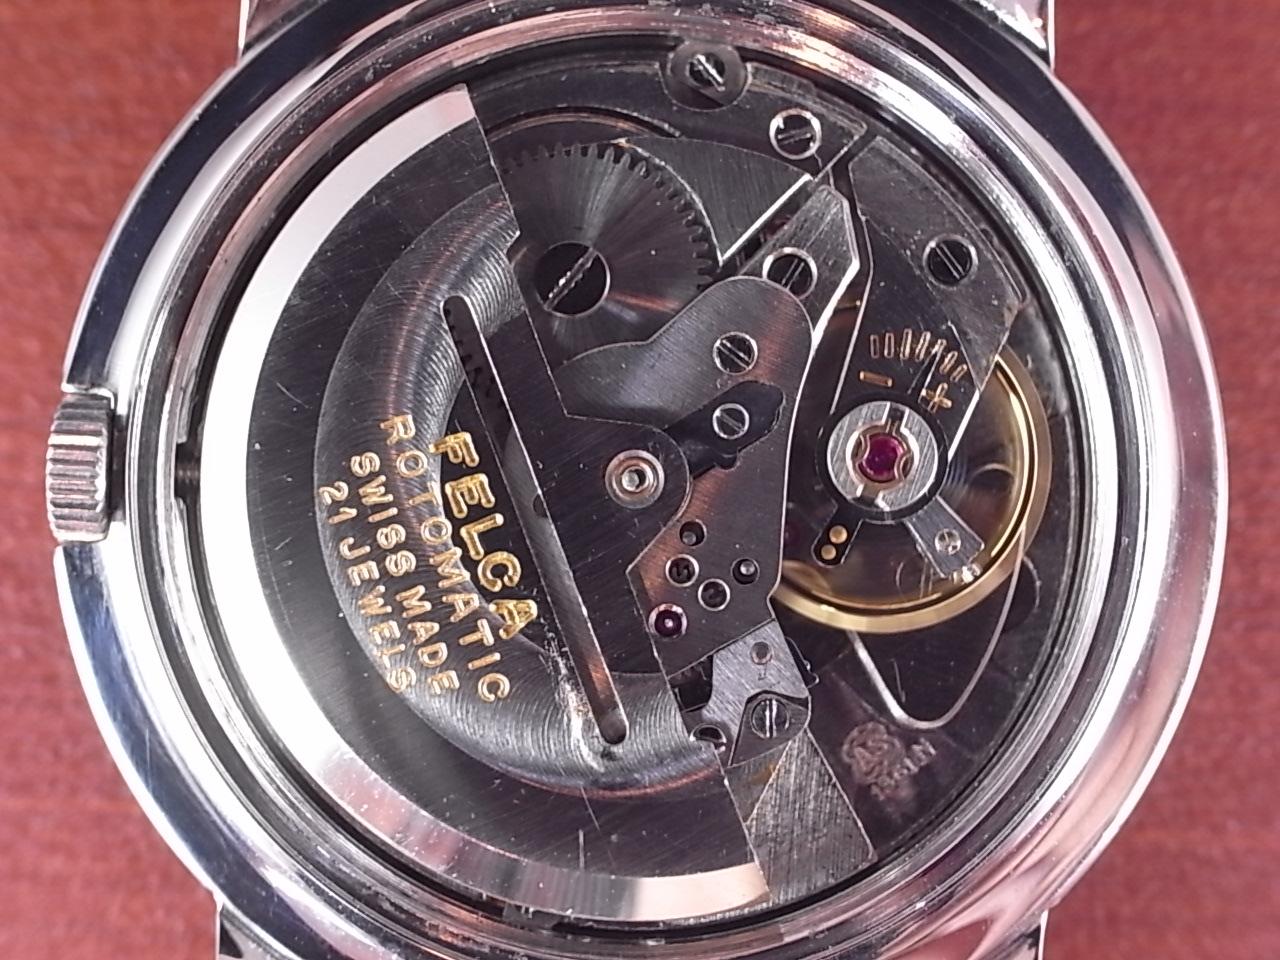 フェレア スポーツマスター エンボスダイアル オートマチック 1950年代の写真5枚目